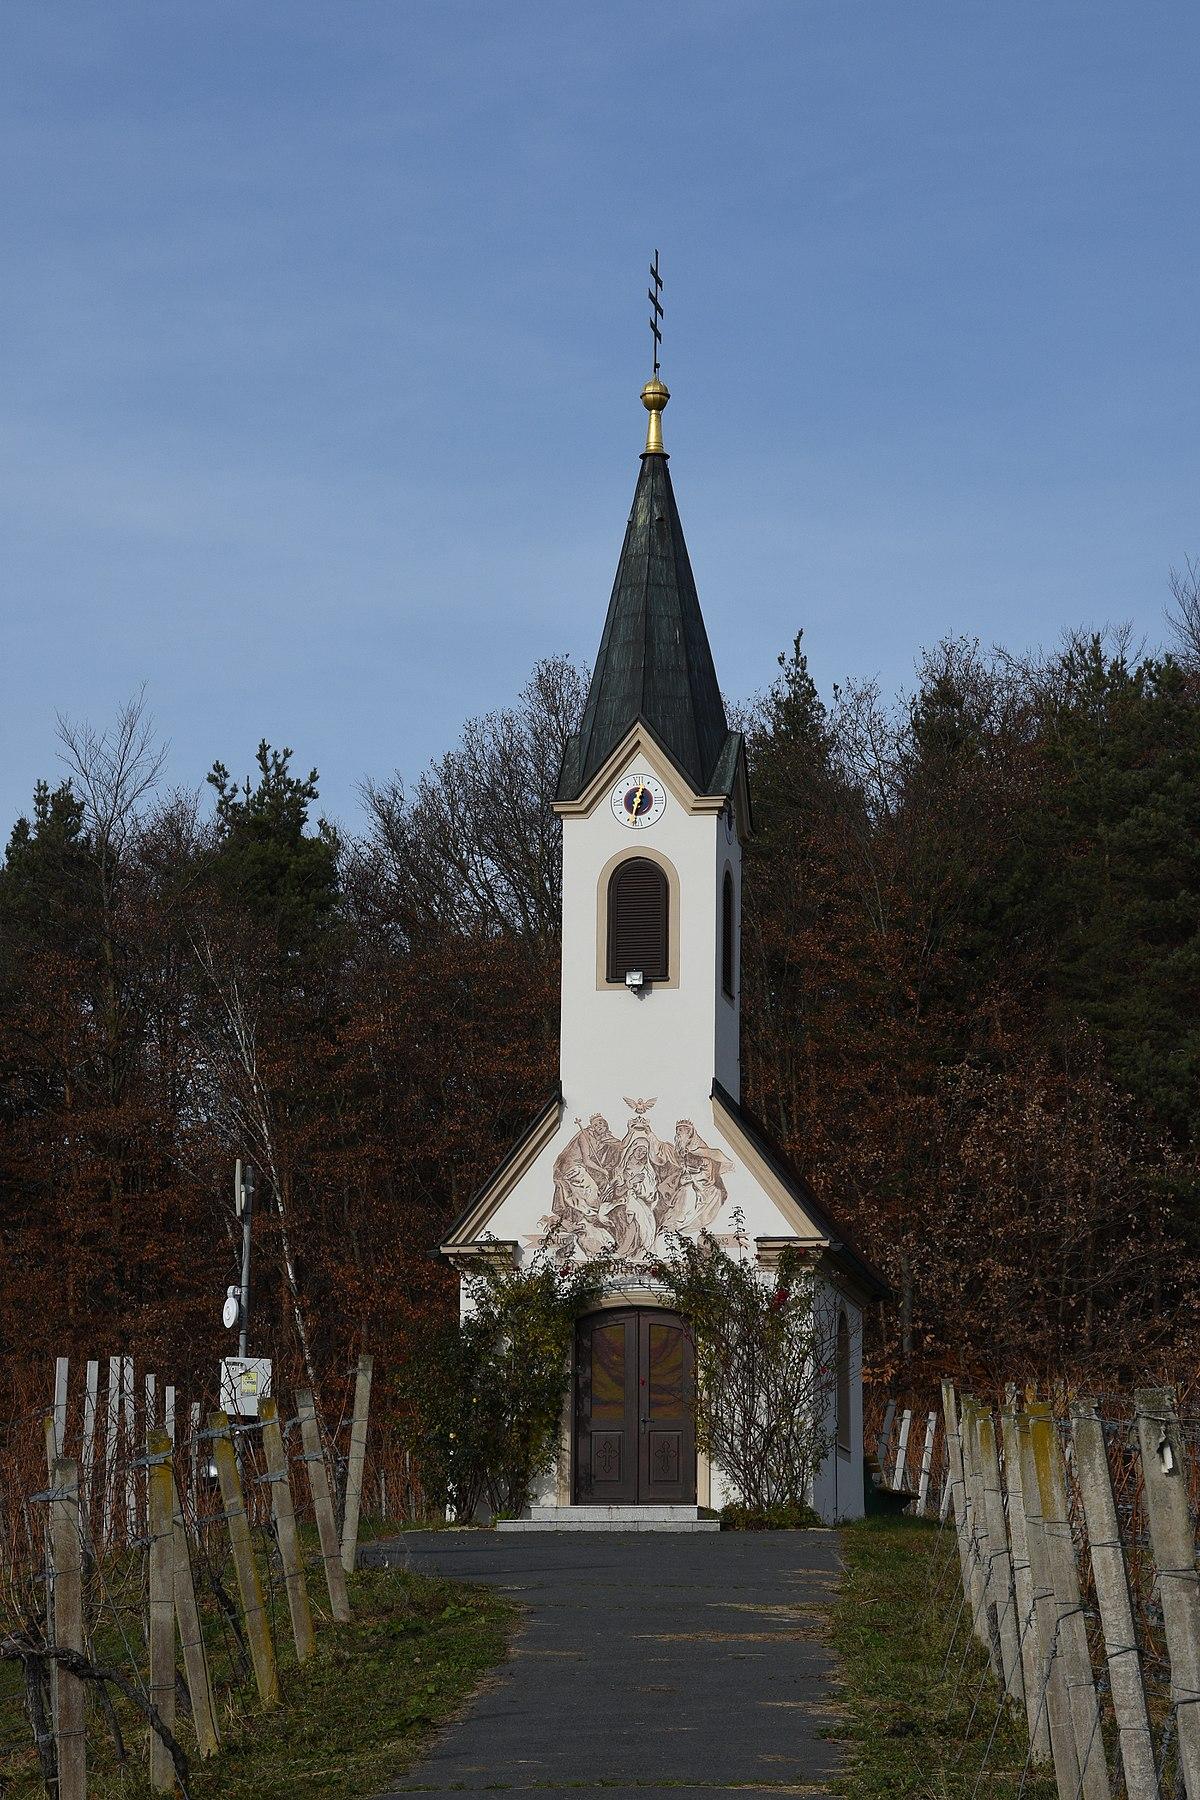 Sankt stefan im rosental kosten single. Ficktreffen in Mssingen